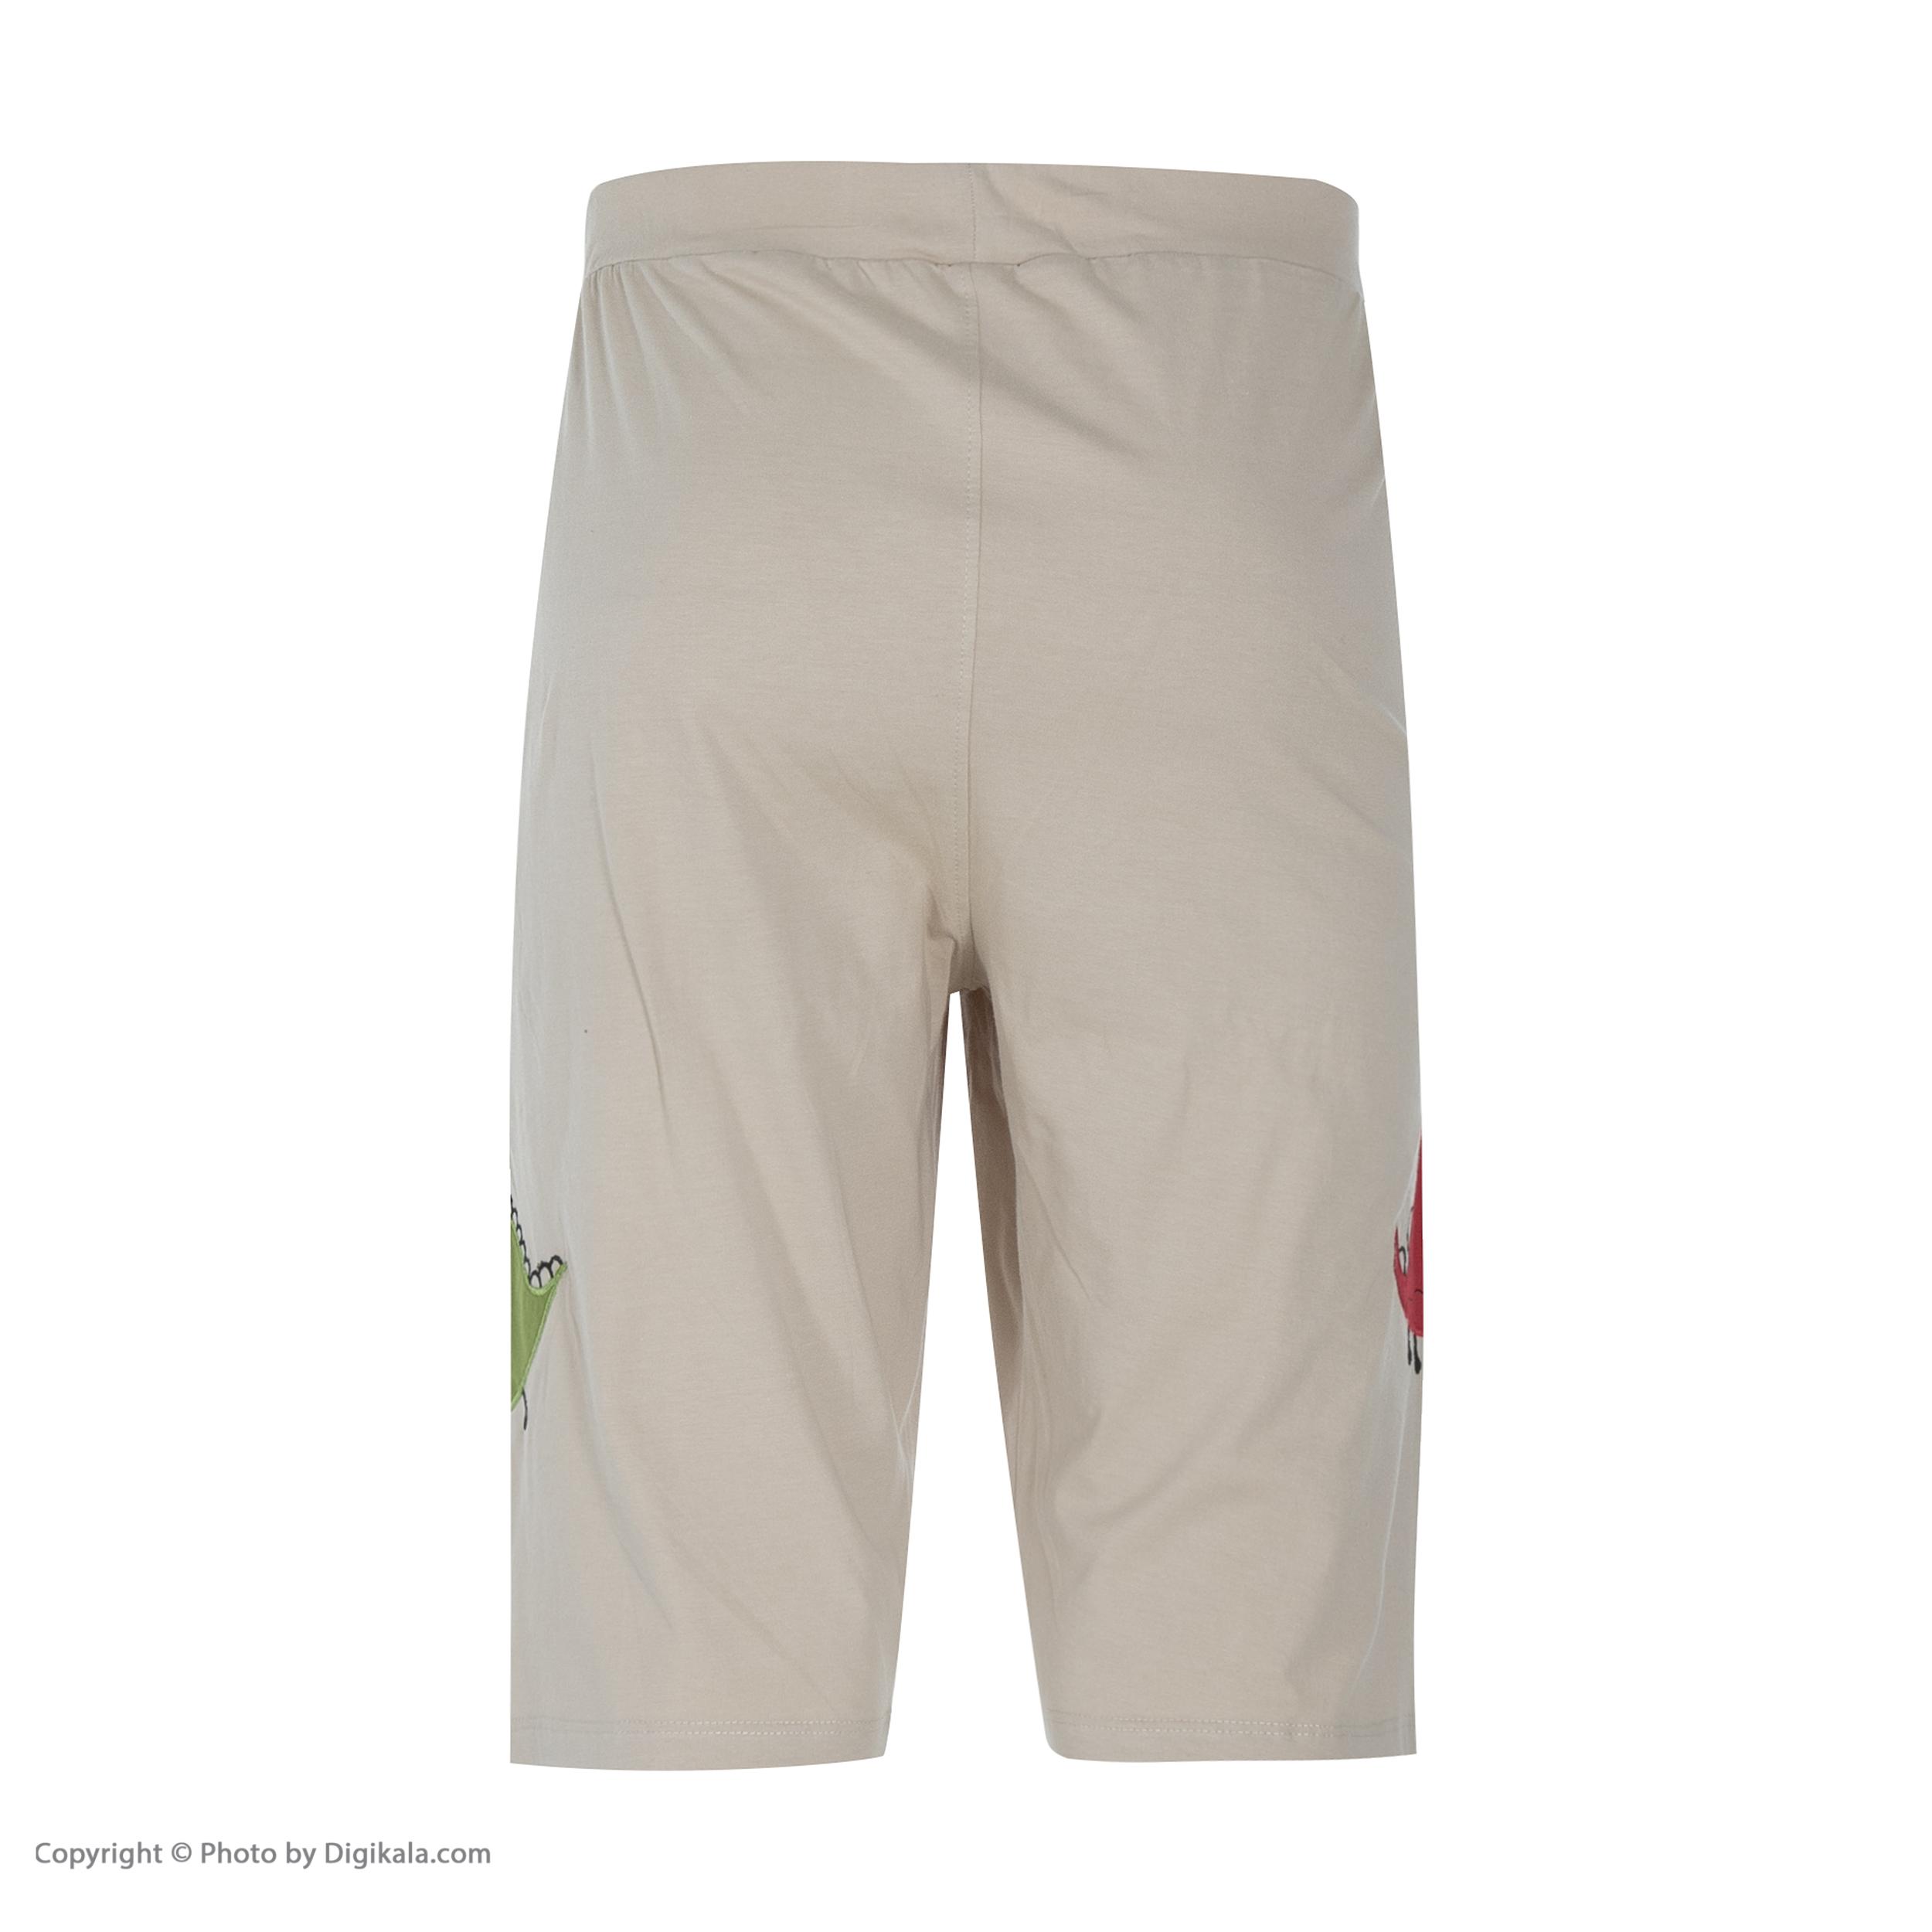 ست تی شرت و شلوارک راحتی مردانه مادر مدل 2041110-07 -  - 10